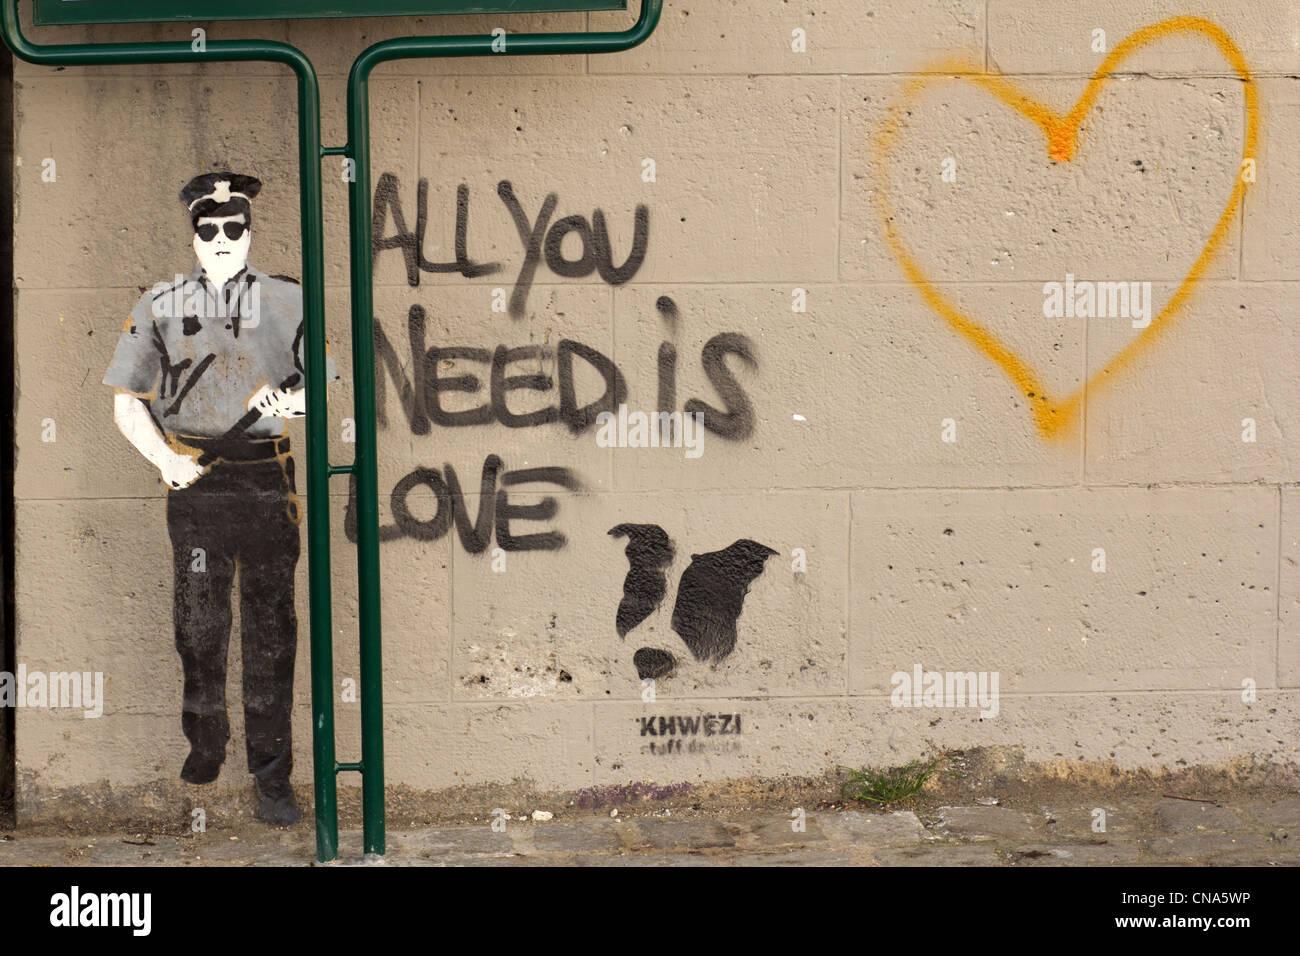 Tout ce qu'il vous faut, c'est l'amour de l'écriture Graffiti, Paris, France Banque D'Images